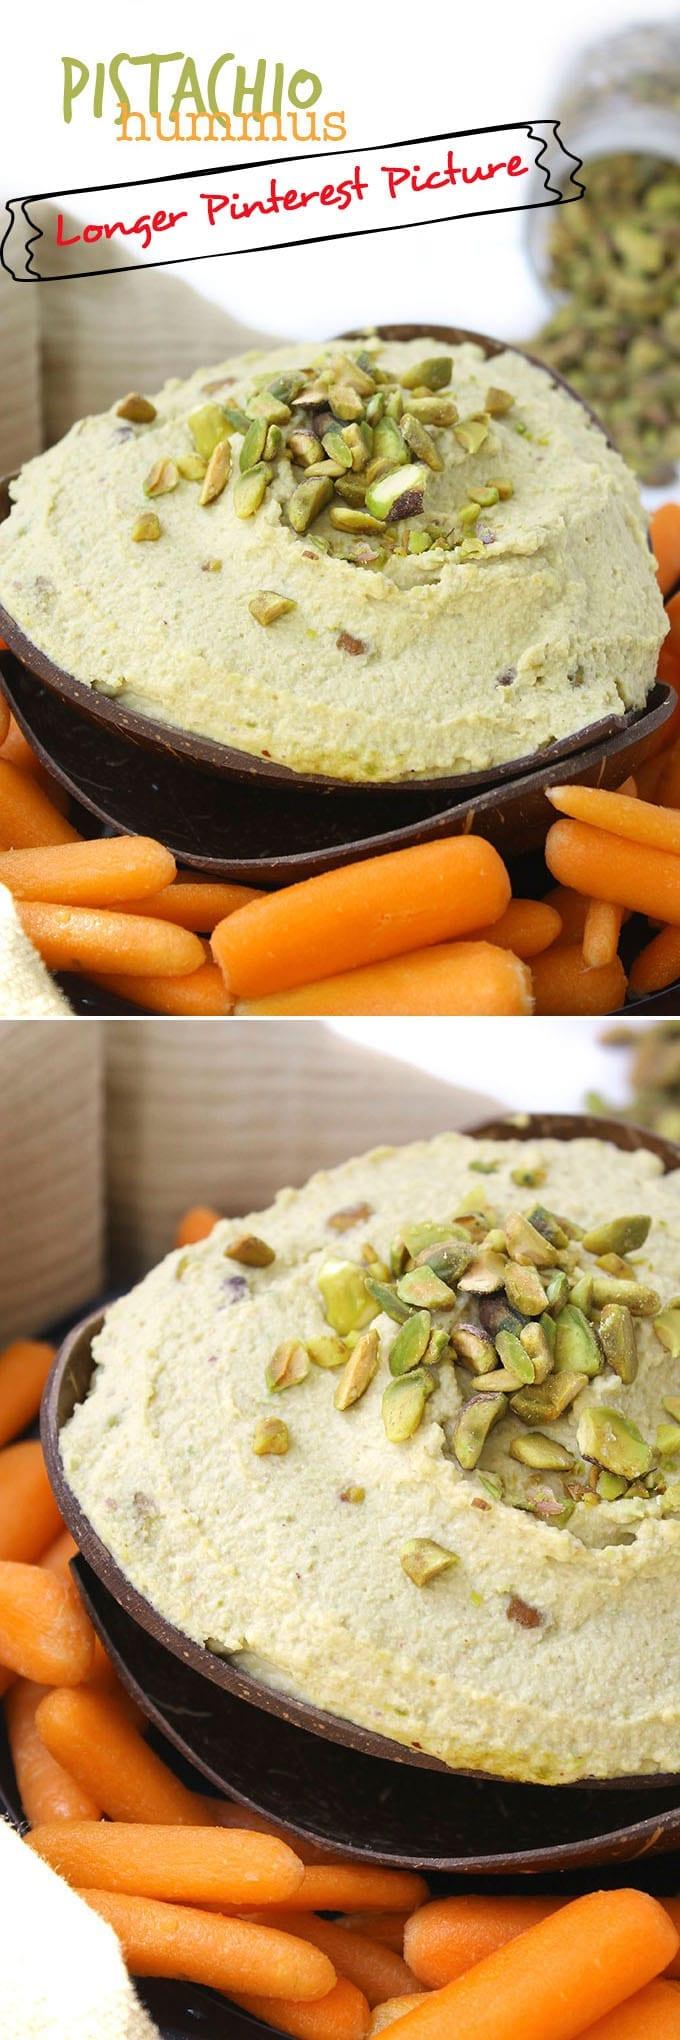 pistachio-hummus-pin